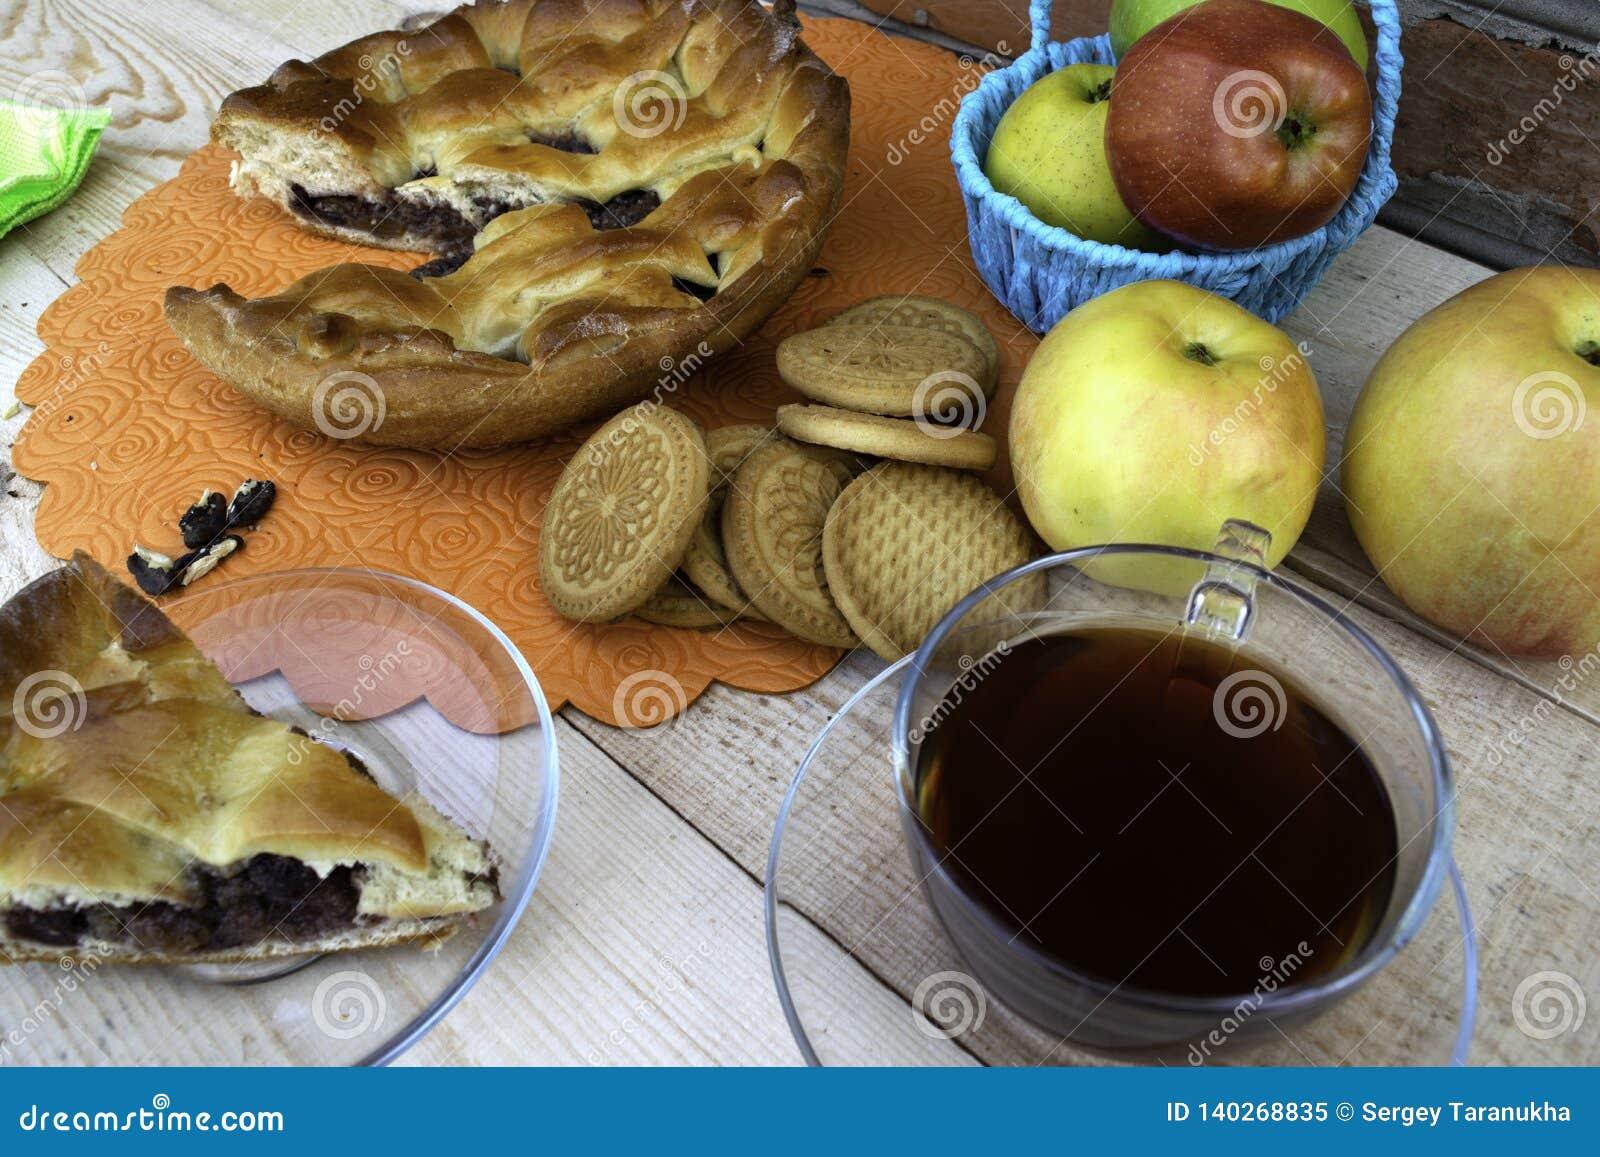 Пирог, кусок яблочного пирога с вишней и грецкими орехами, чашка чаю, яблоки в корзине, грецкие орехи и печенья на таблице